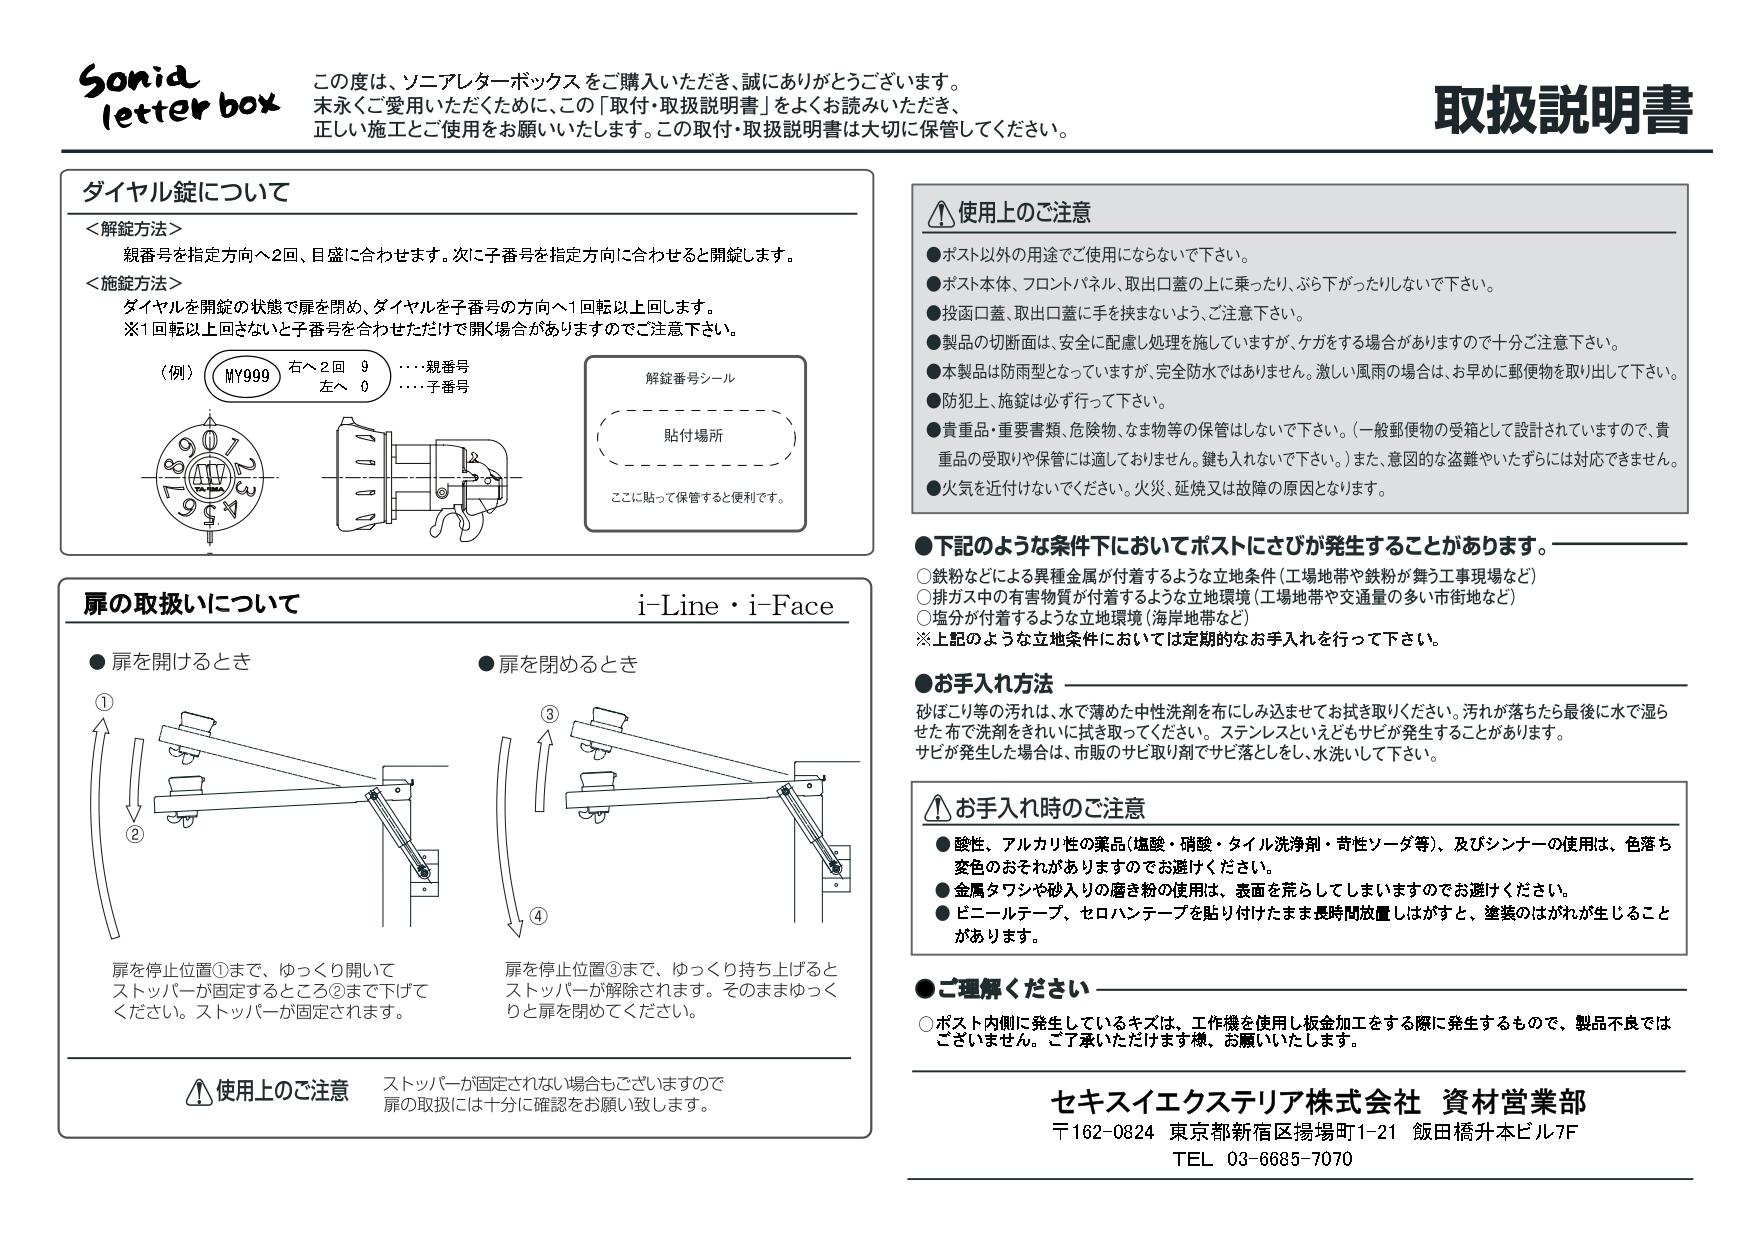 アイライン タイプC 施工説明書_page-0004